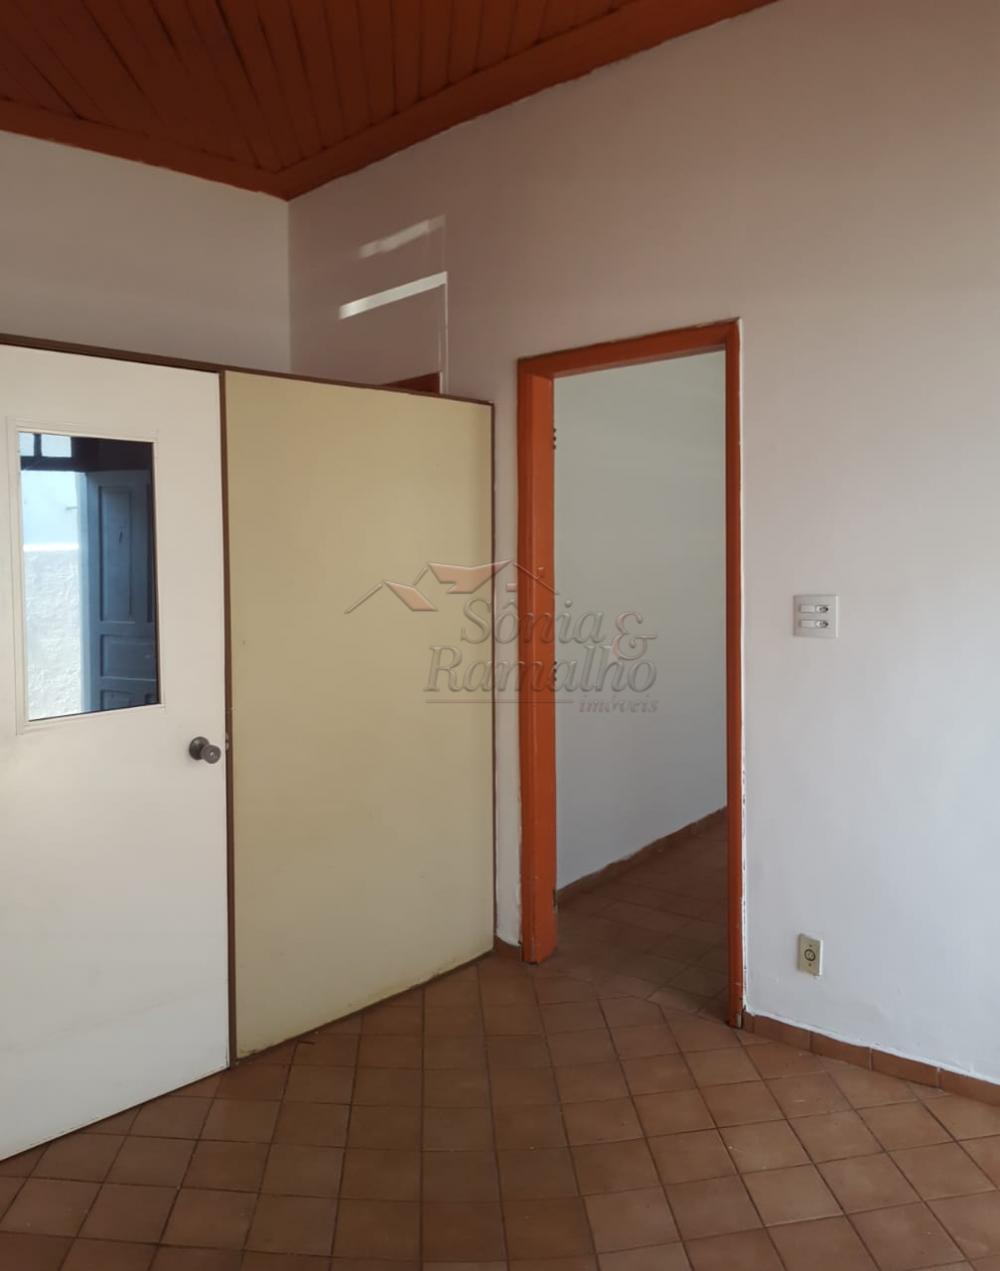 Alugar Comercial / Salão comercial em Ribeirão Preto apenas R$ 3.000,00 - Foto 21